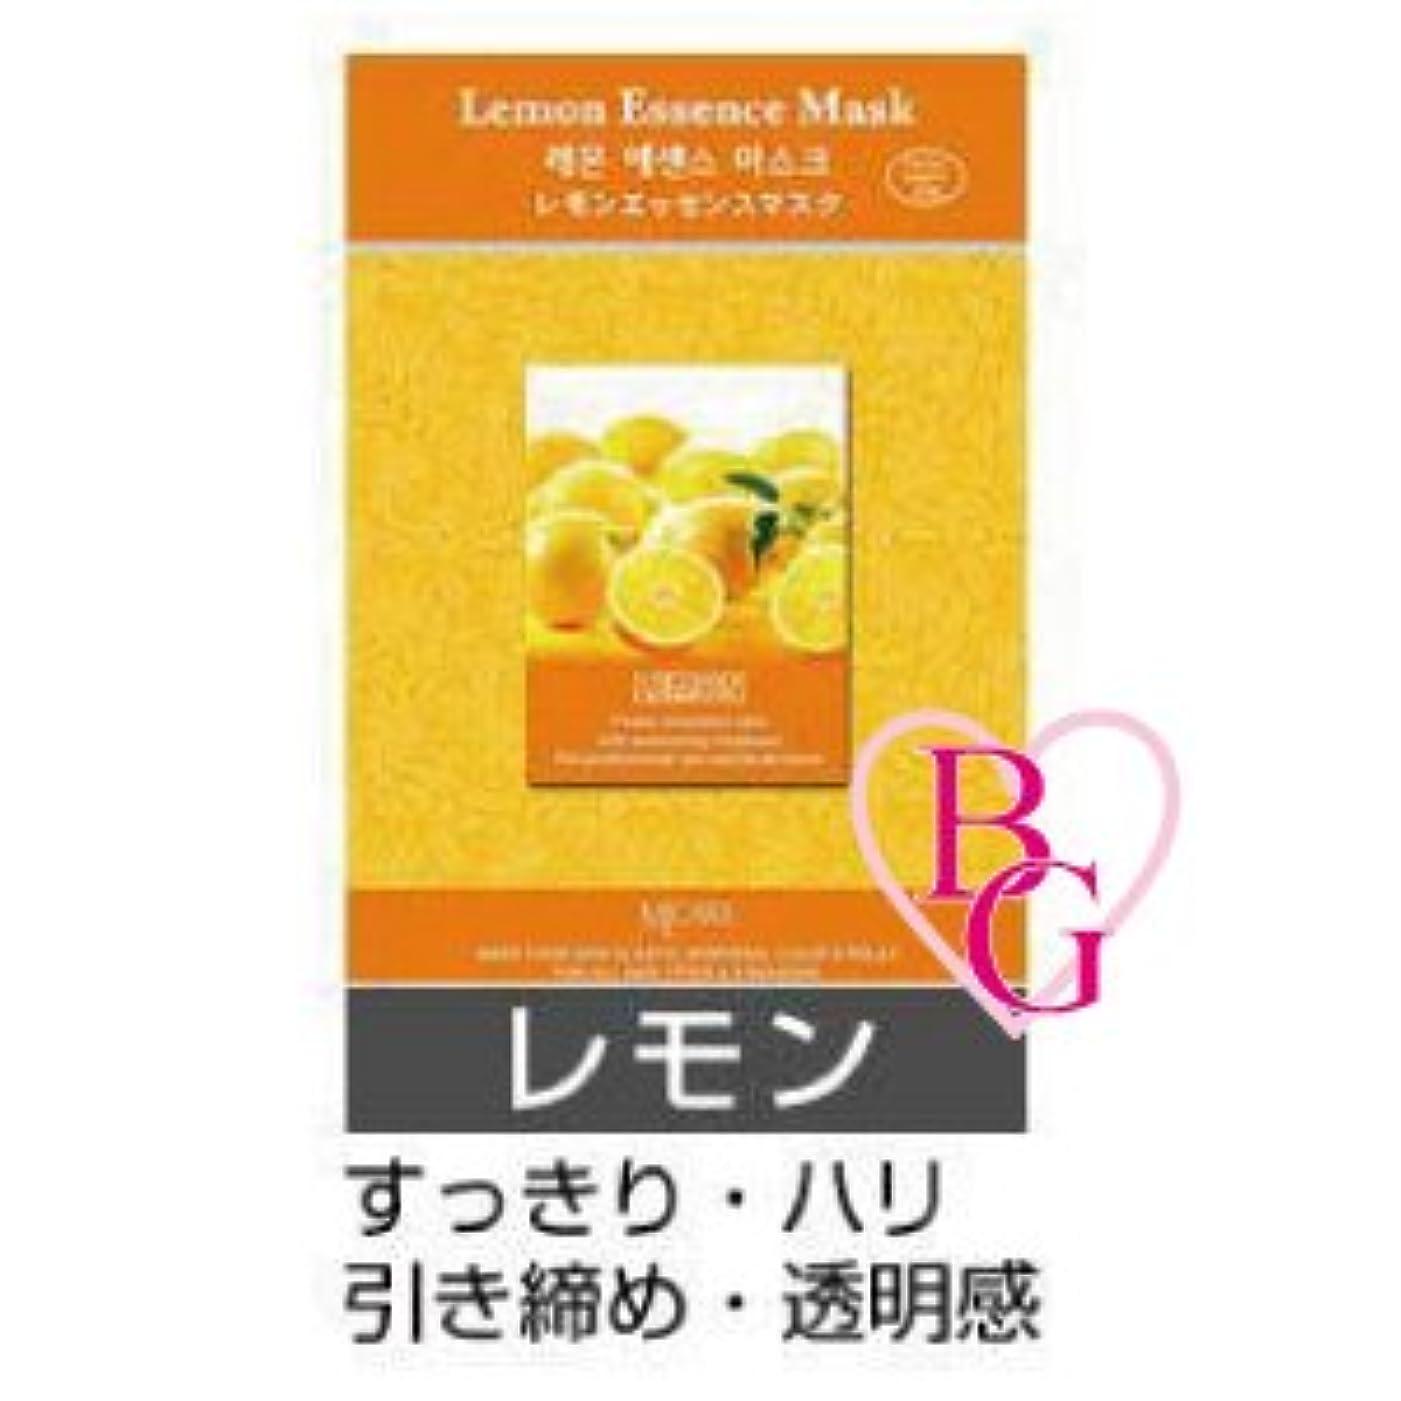 凍ったリビジョン許されるフェイスパック レモン 韓国コスメ MIJIN(ミジン)コスメ 口コミ ランキング No1 おすすめ シートマスク 10枚